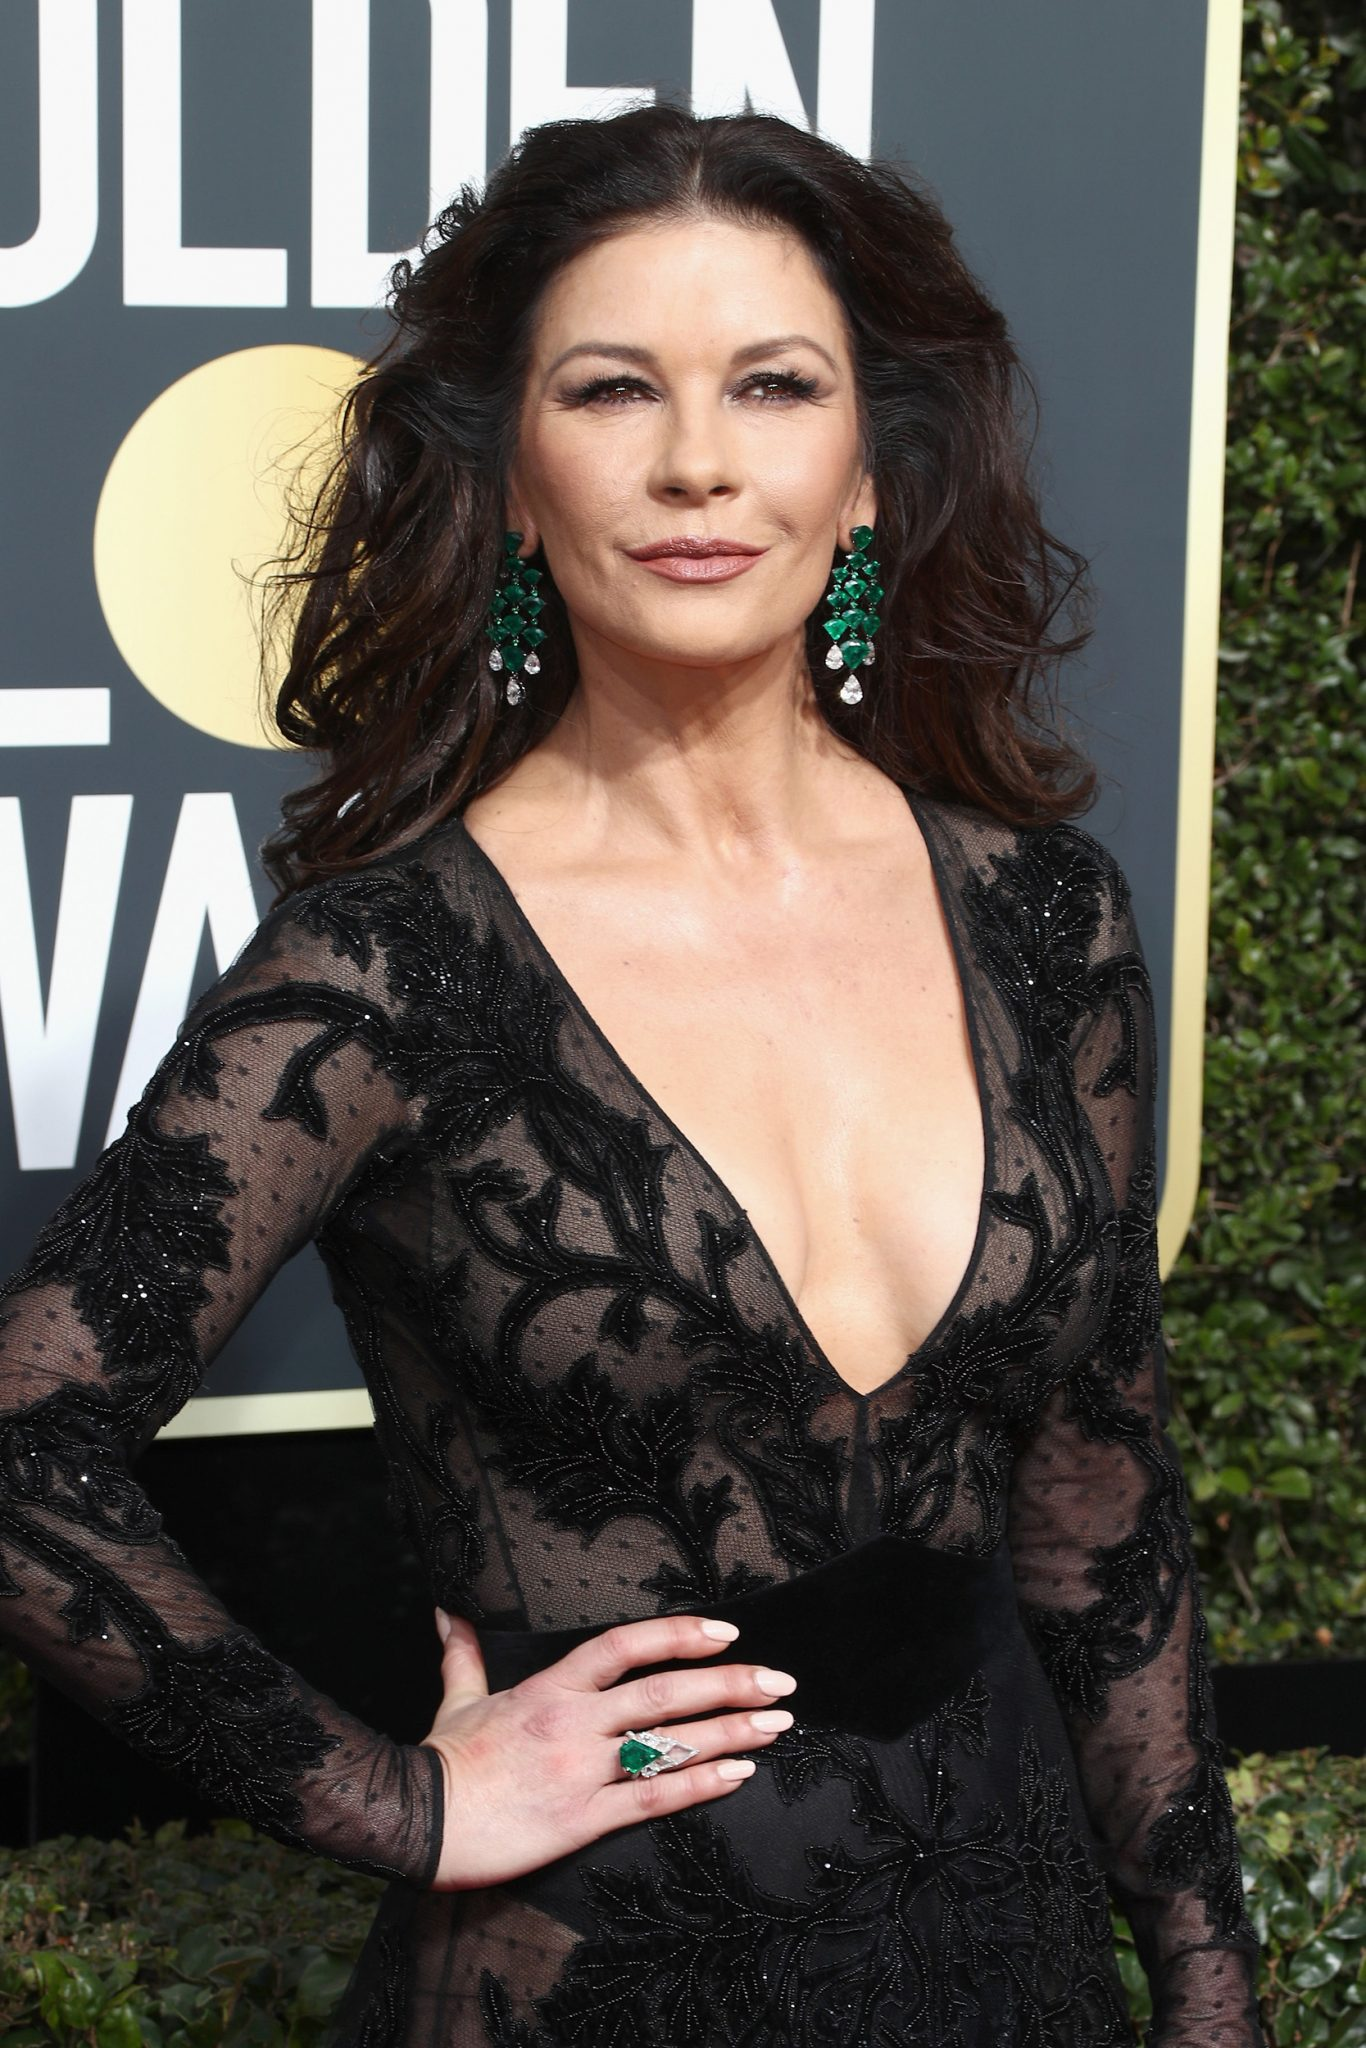 Catherine Zeta-Jones in Lorraine Schwartz